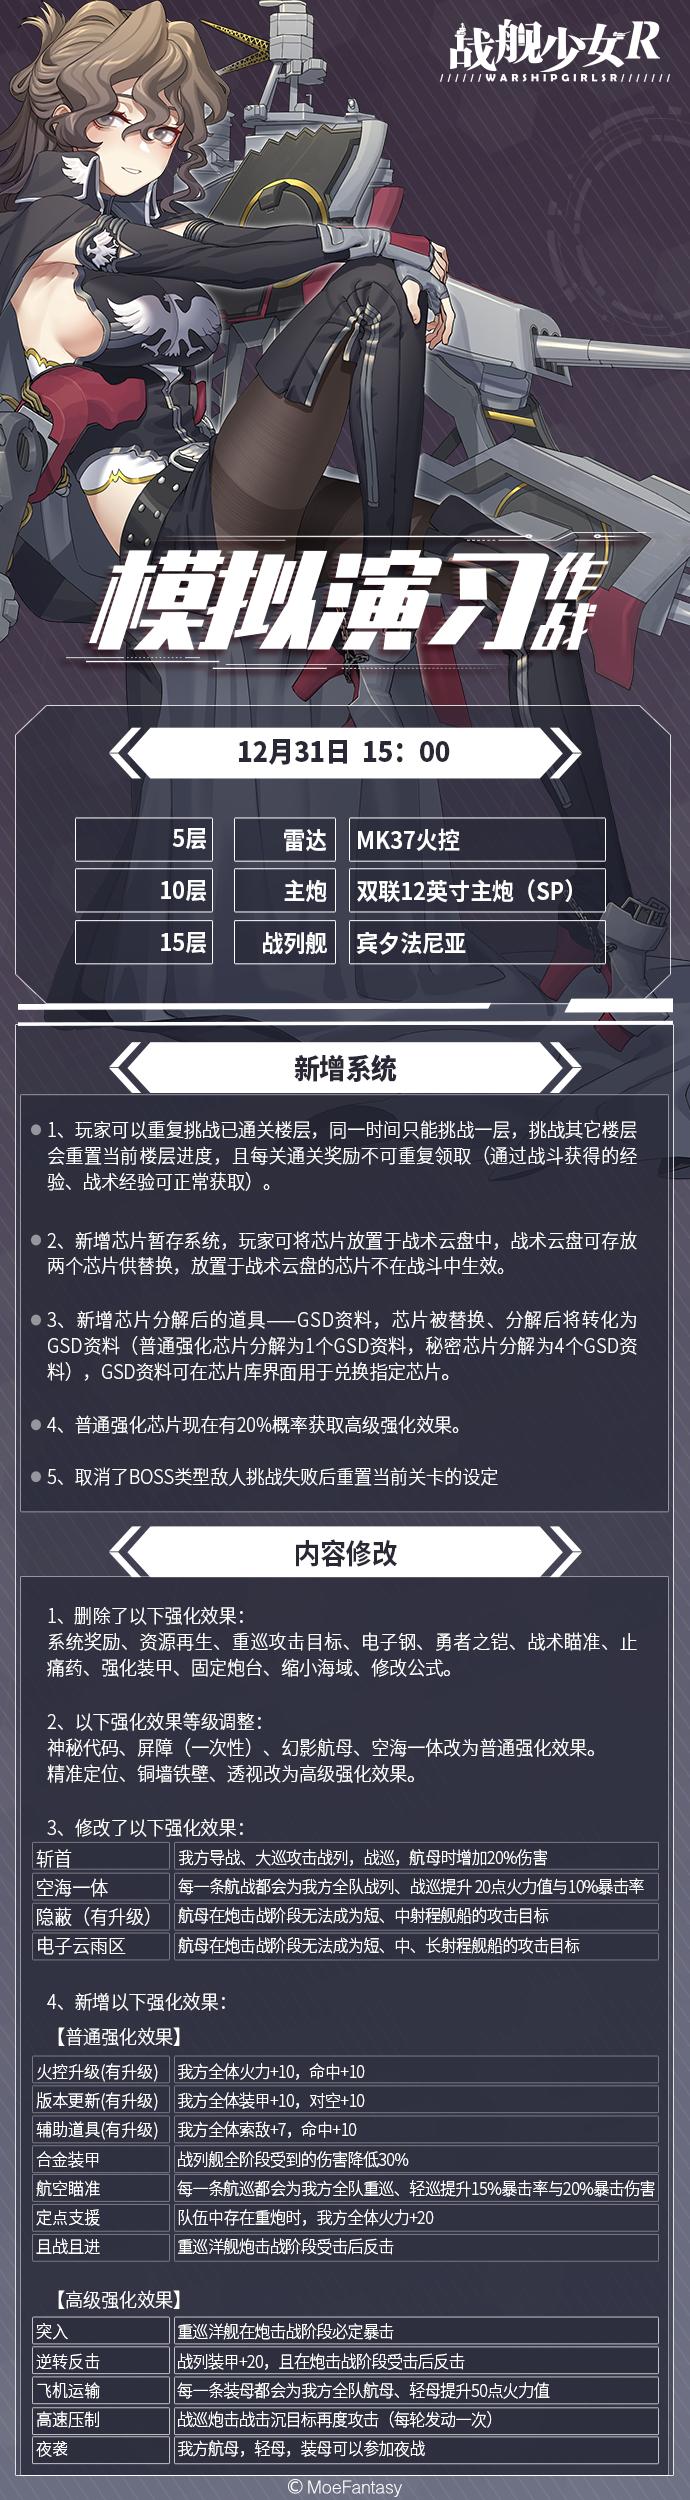 """2020.12.31 服务器维护及""""模拟演习作战""""活动公告"""